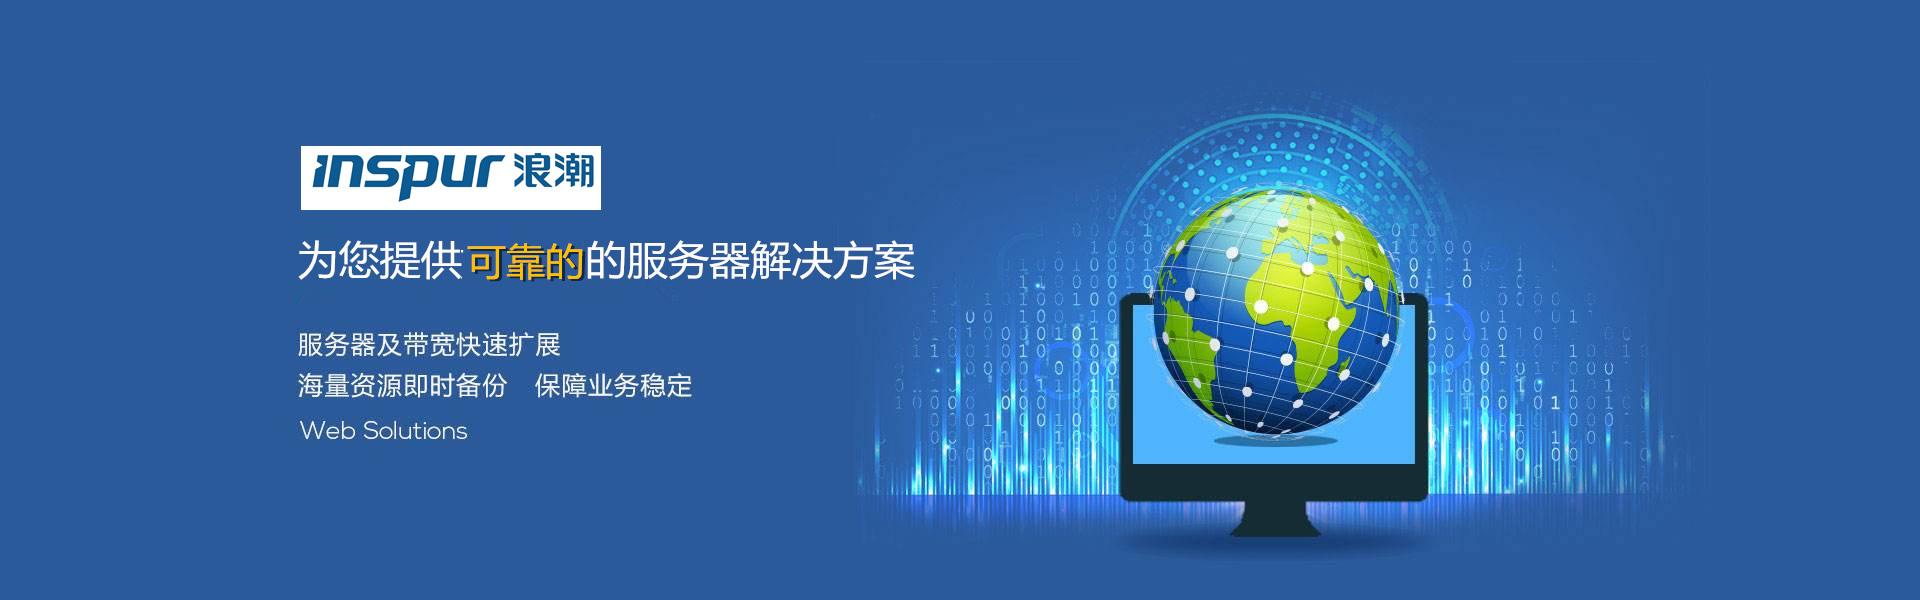 北京浪潮服务器渠道